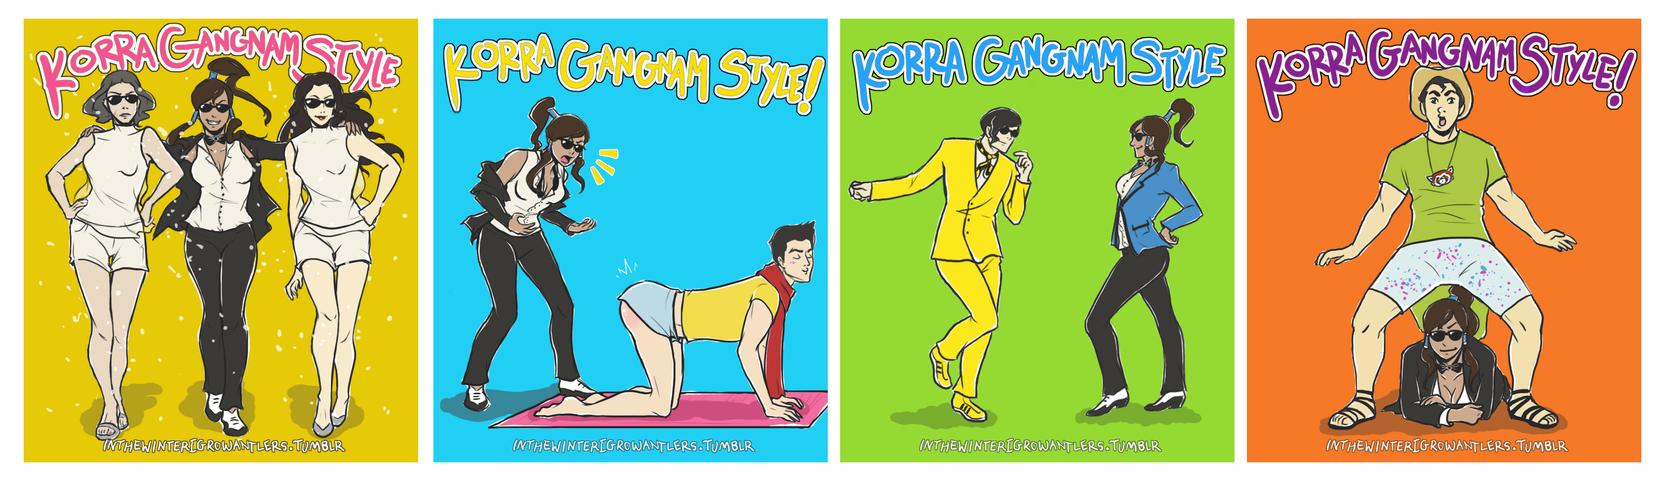 Korra Gangnam Style! by Kiniki-Chan